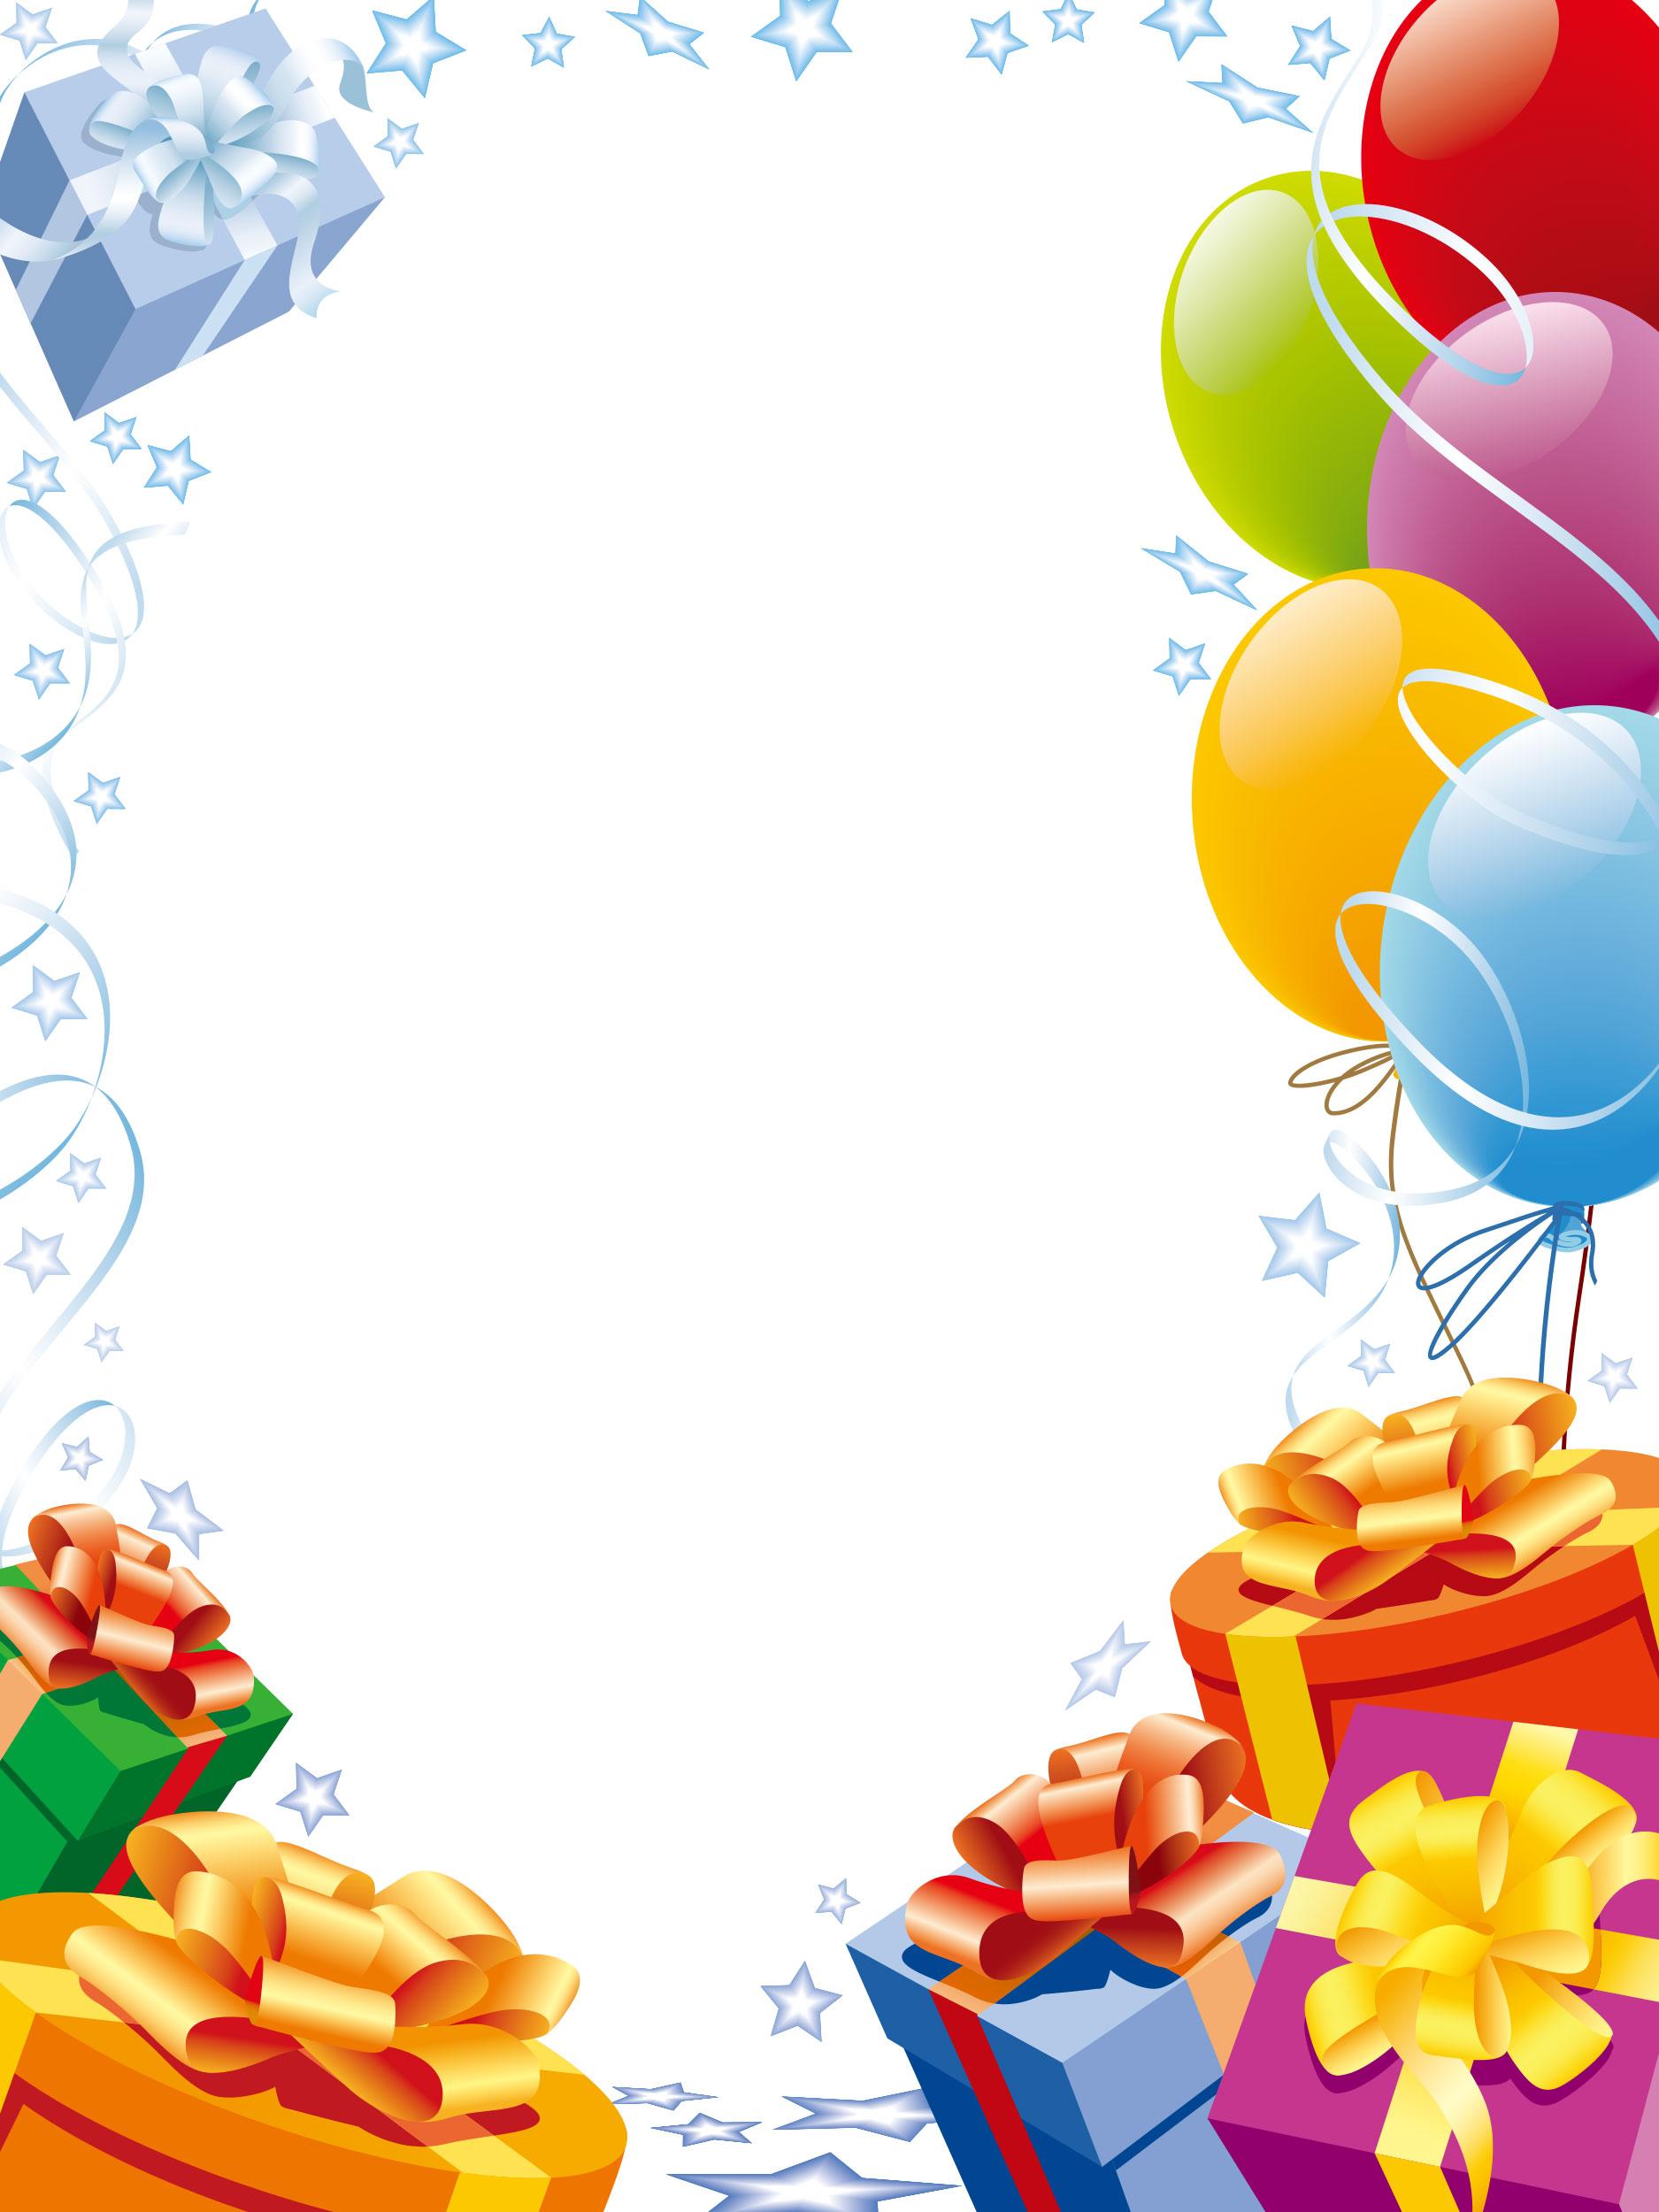 フレーム・囲い枠のイラストNo.293『パーティー・誕生日』/無料のフリー素材集